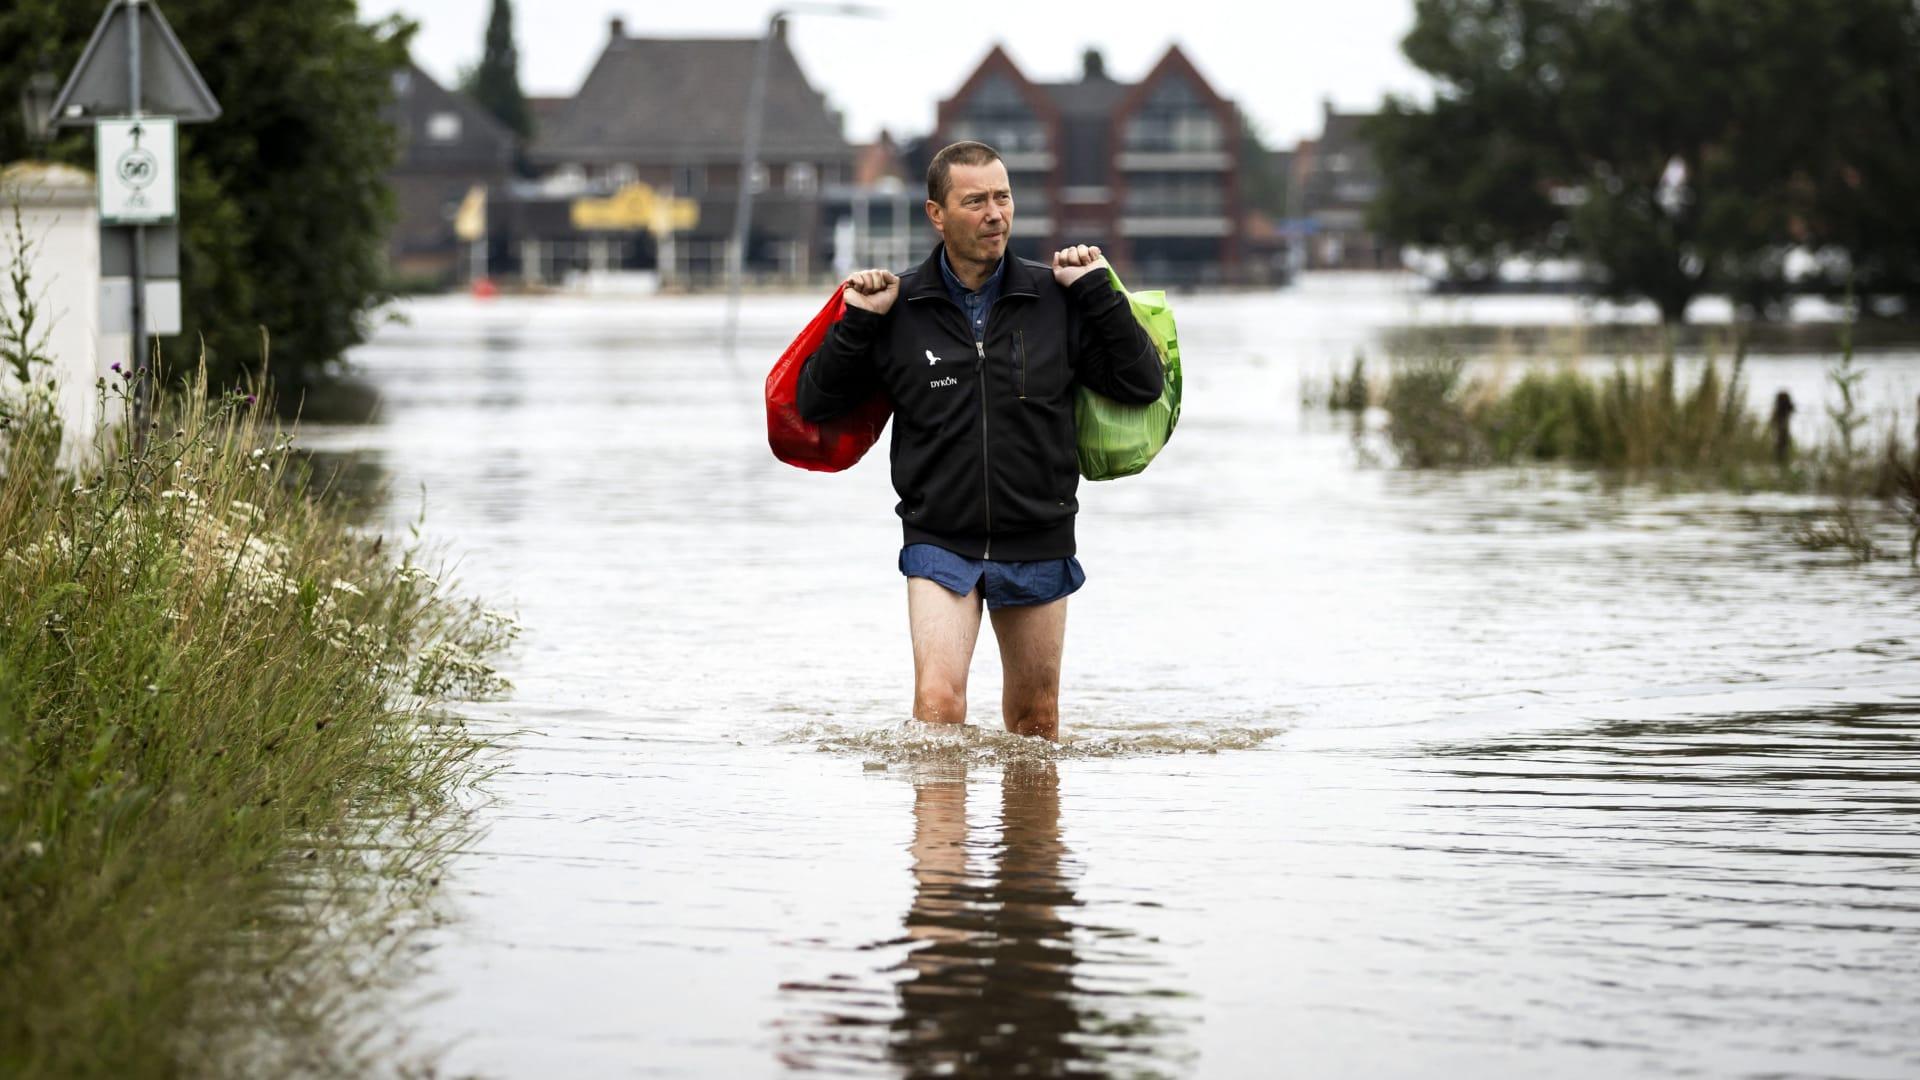 مئات المفقودين.. ارتفاع حصيلة الفيضانات إلى أكثر من 130 قتيلا في ألمانيا